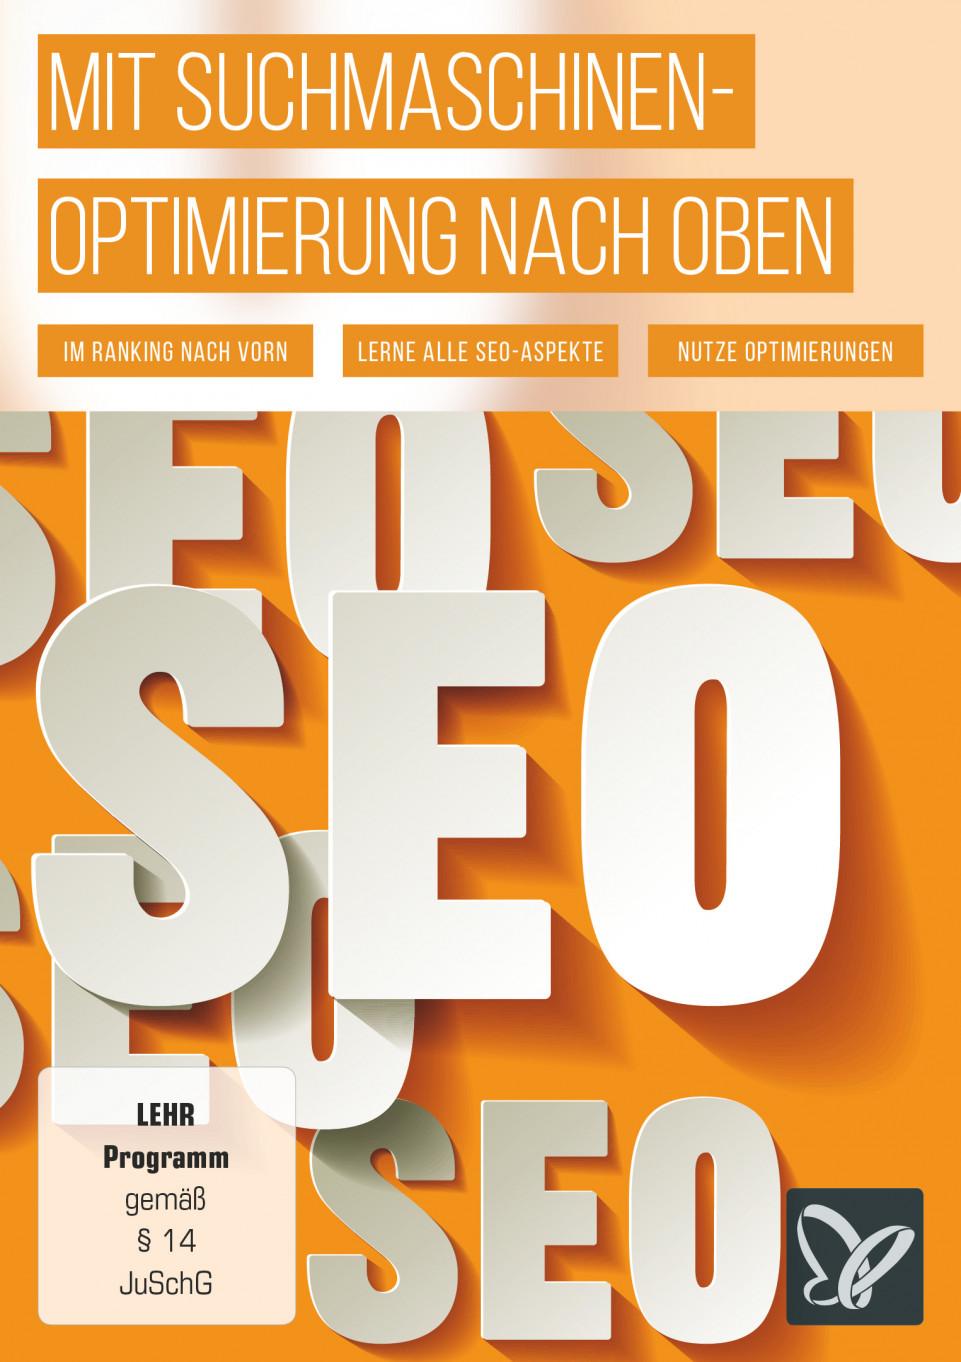 Mit Suchmaschinenoptimierung nach oben – SEO für Aufsteiger